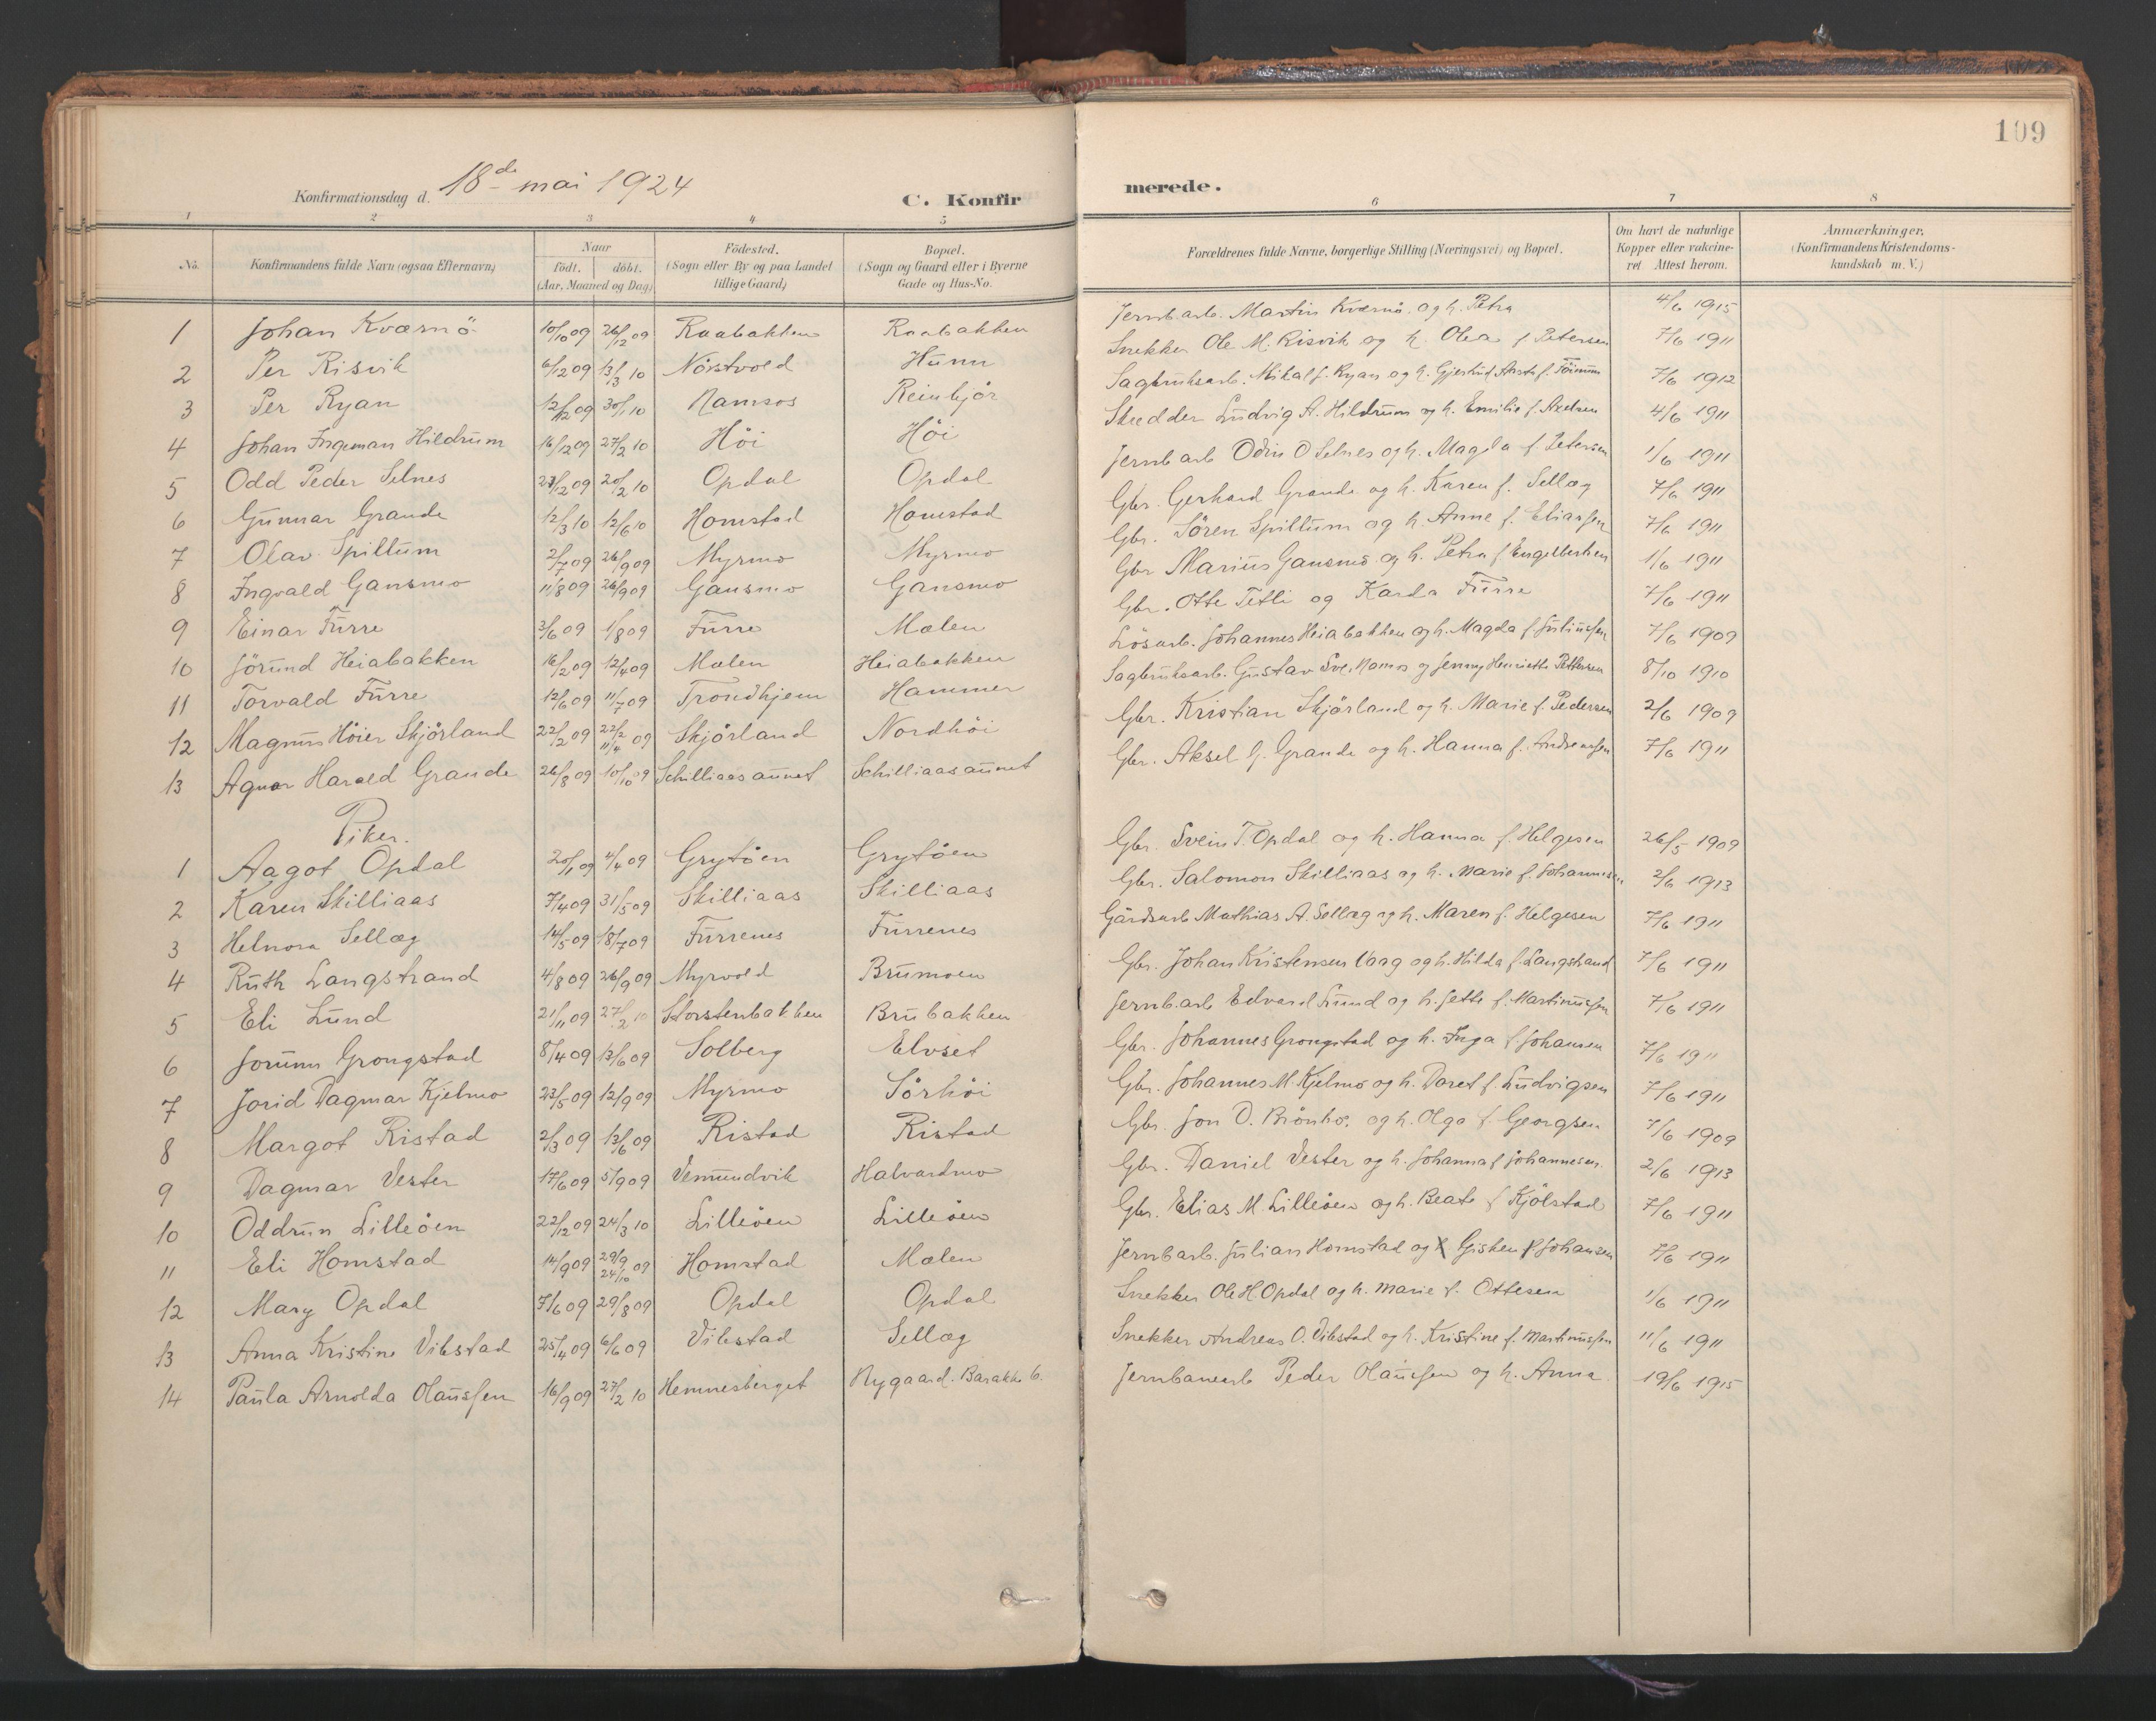 SAT, Ministerialprotokoller, klokkerbøker og fødselsregistre - Nord-Trøndelag, 766/L0564: Ministerialbok nr. 767A02, 1900-1932, s. 109